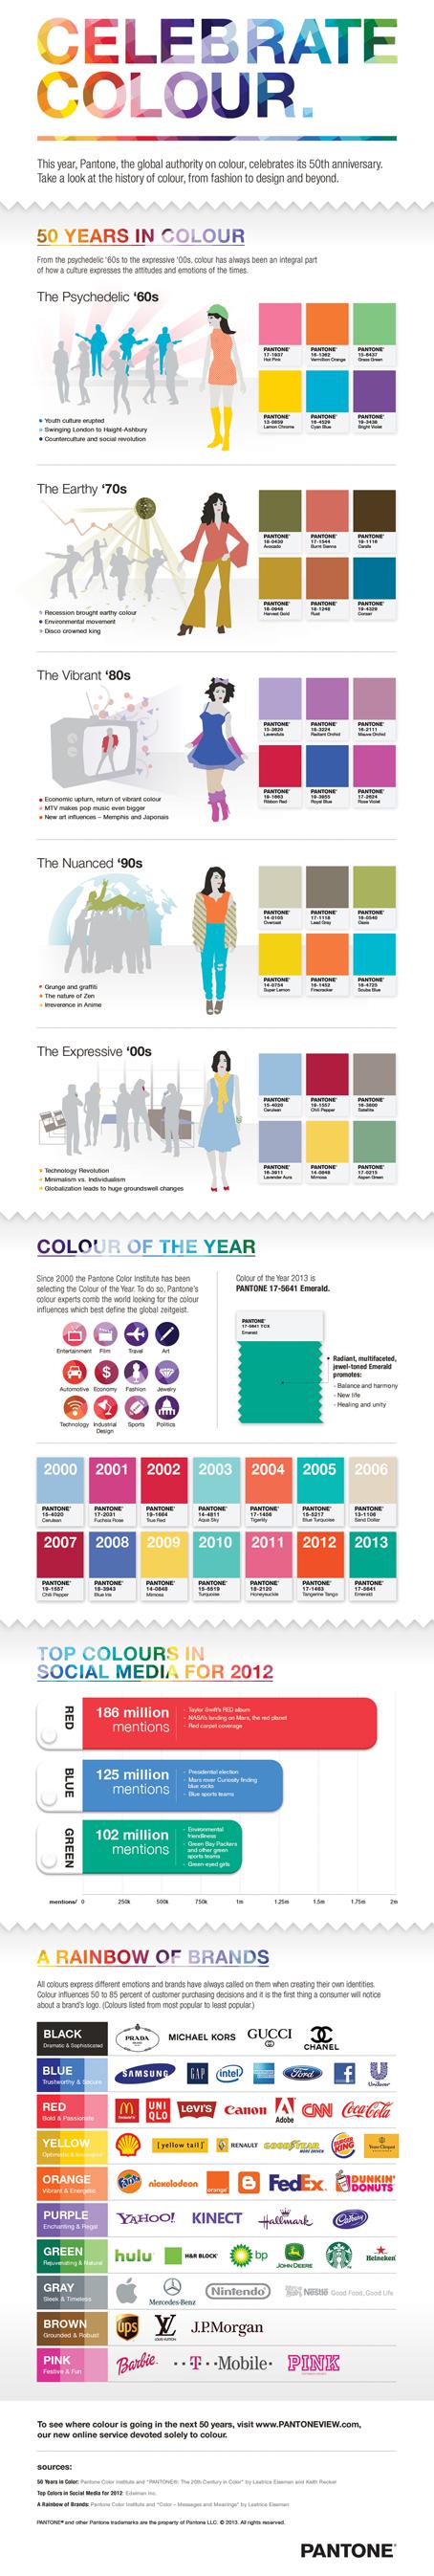 Pantone_Infographic